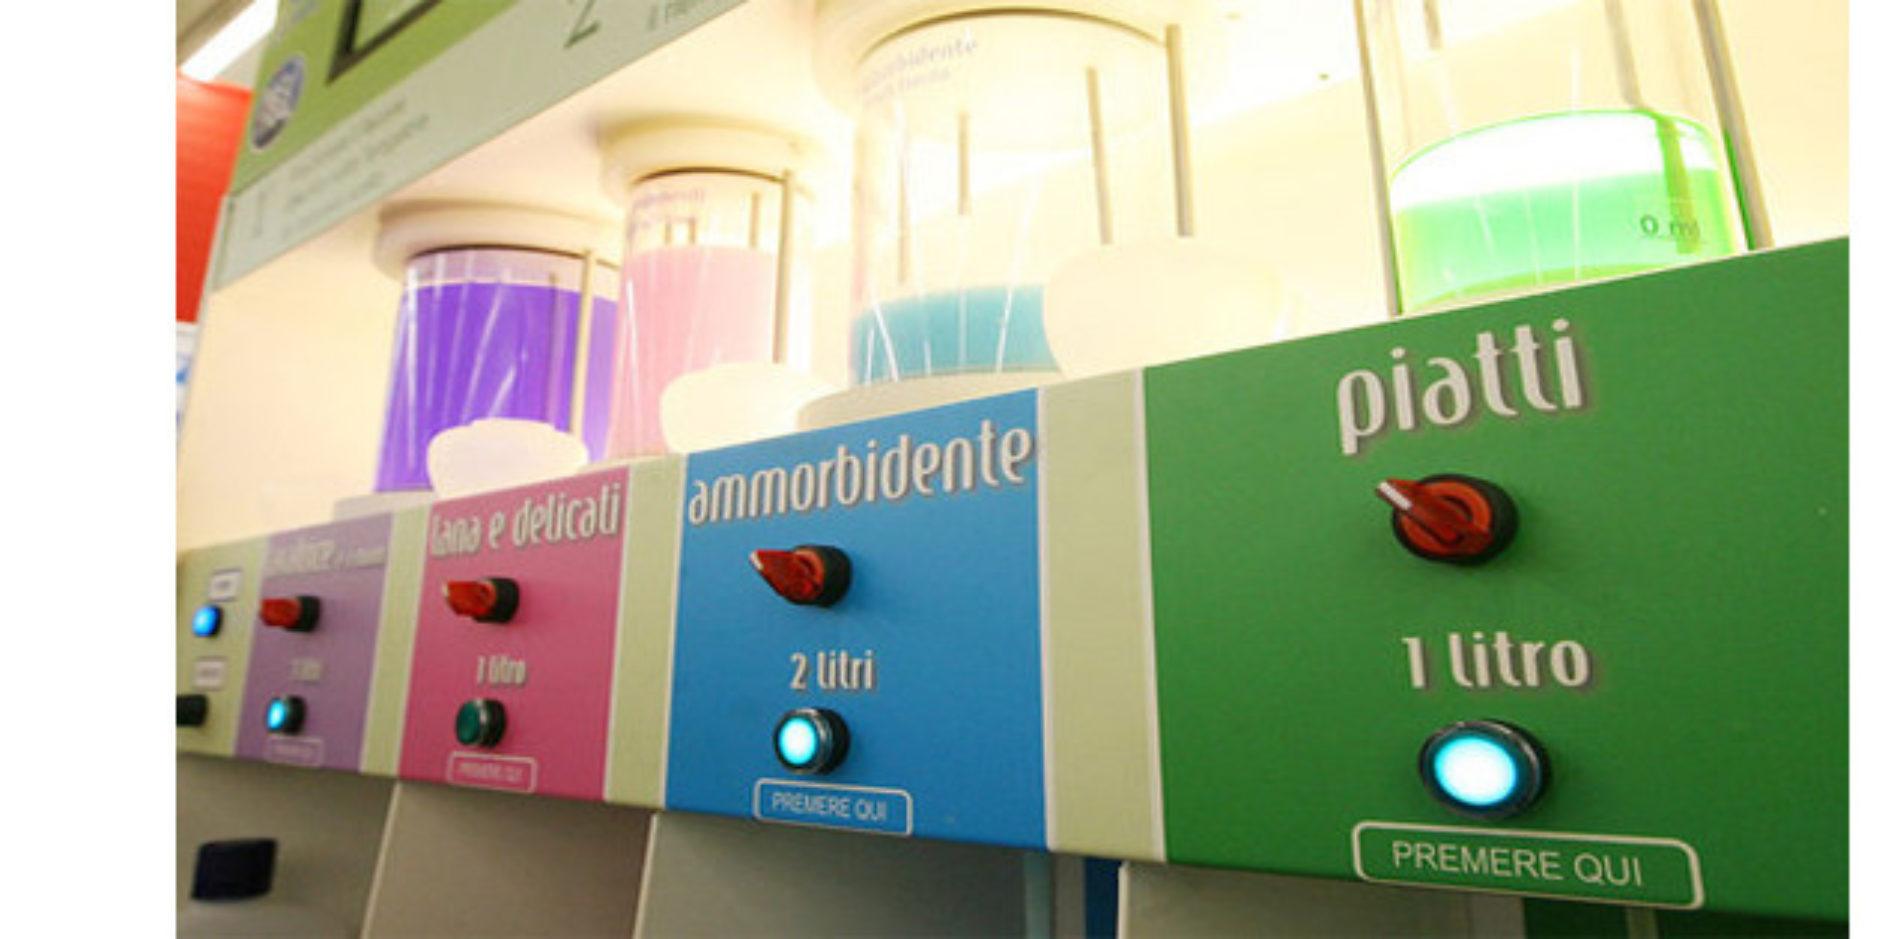 La Casa dell'Acqua integra nuove idee vending - Vendingnews.it - Notizie quotidiane sulla ...